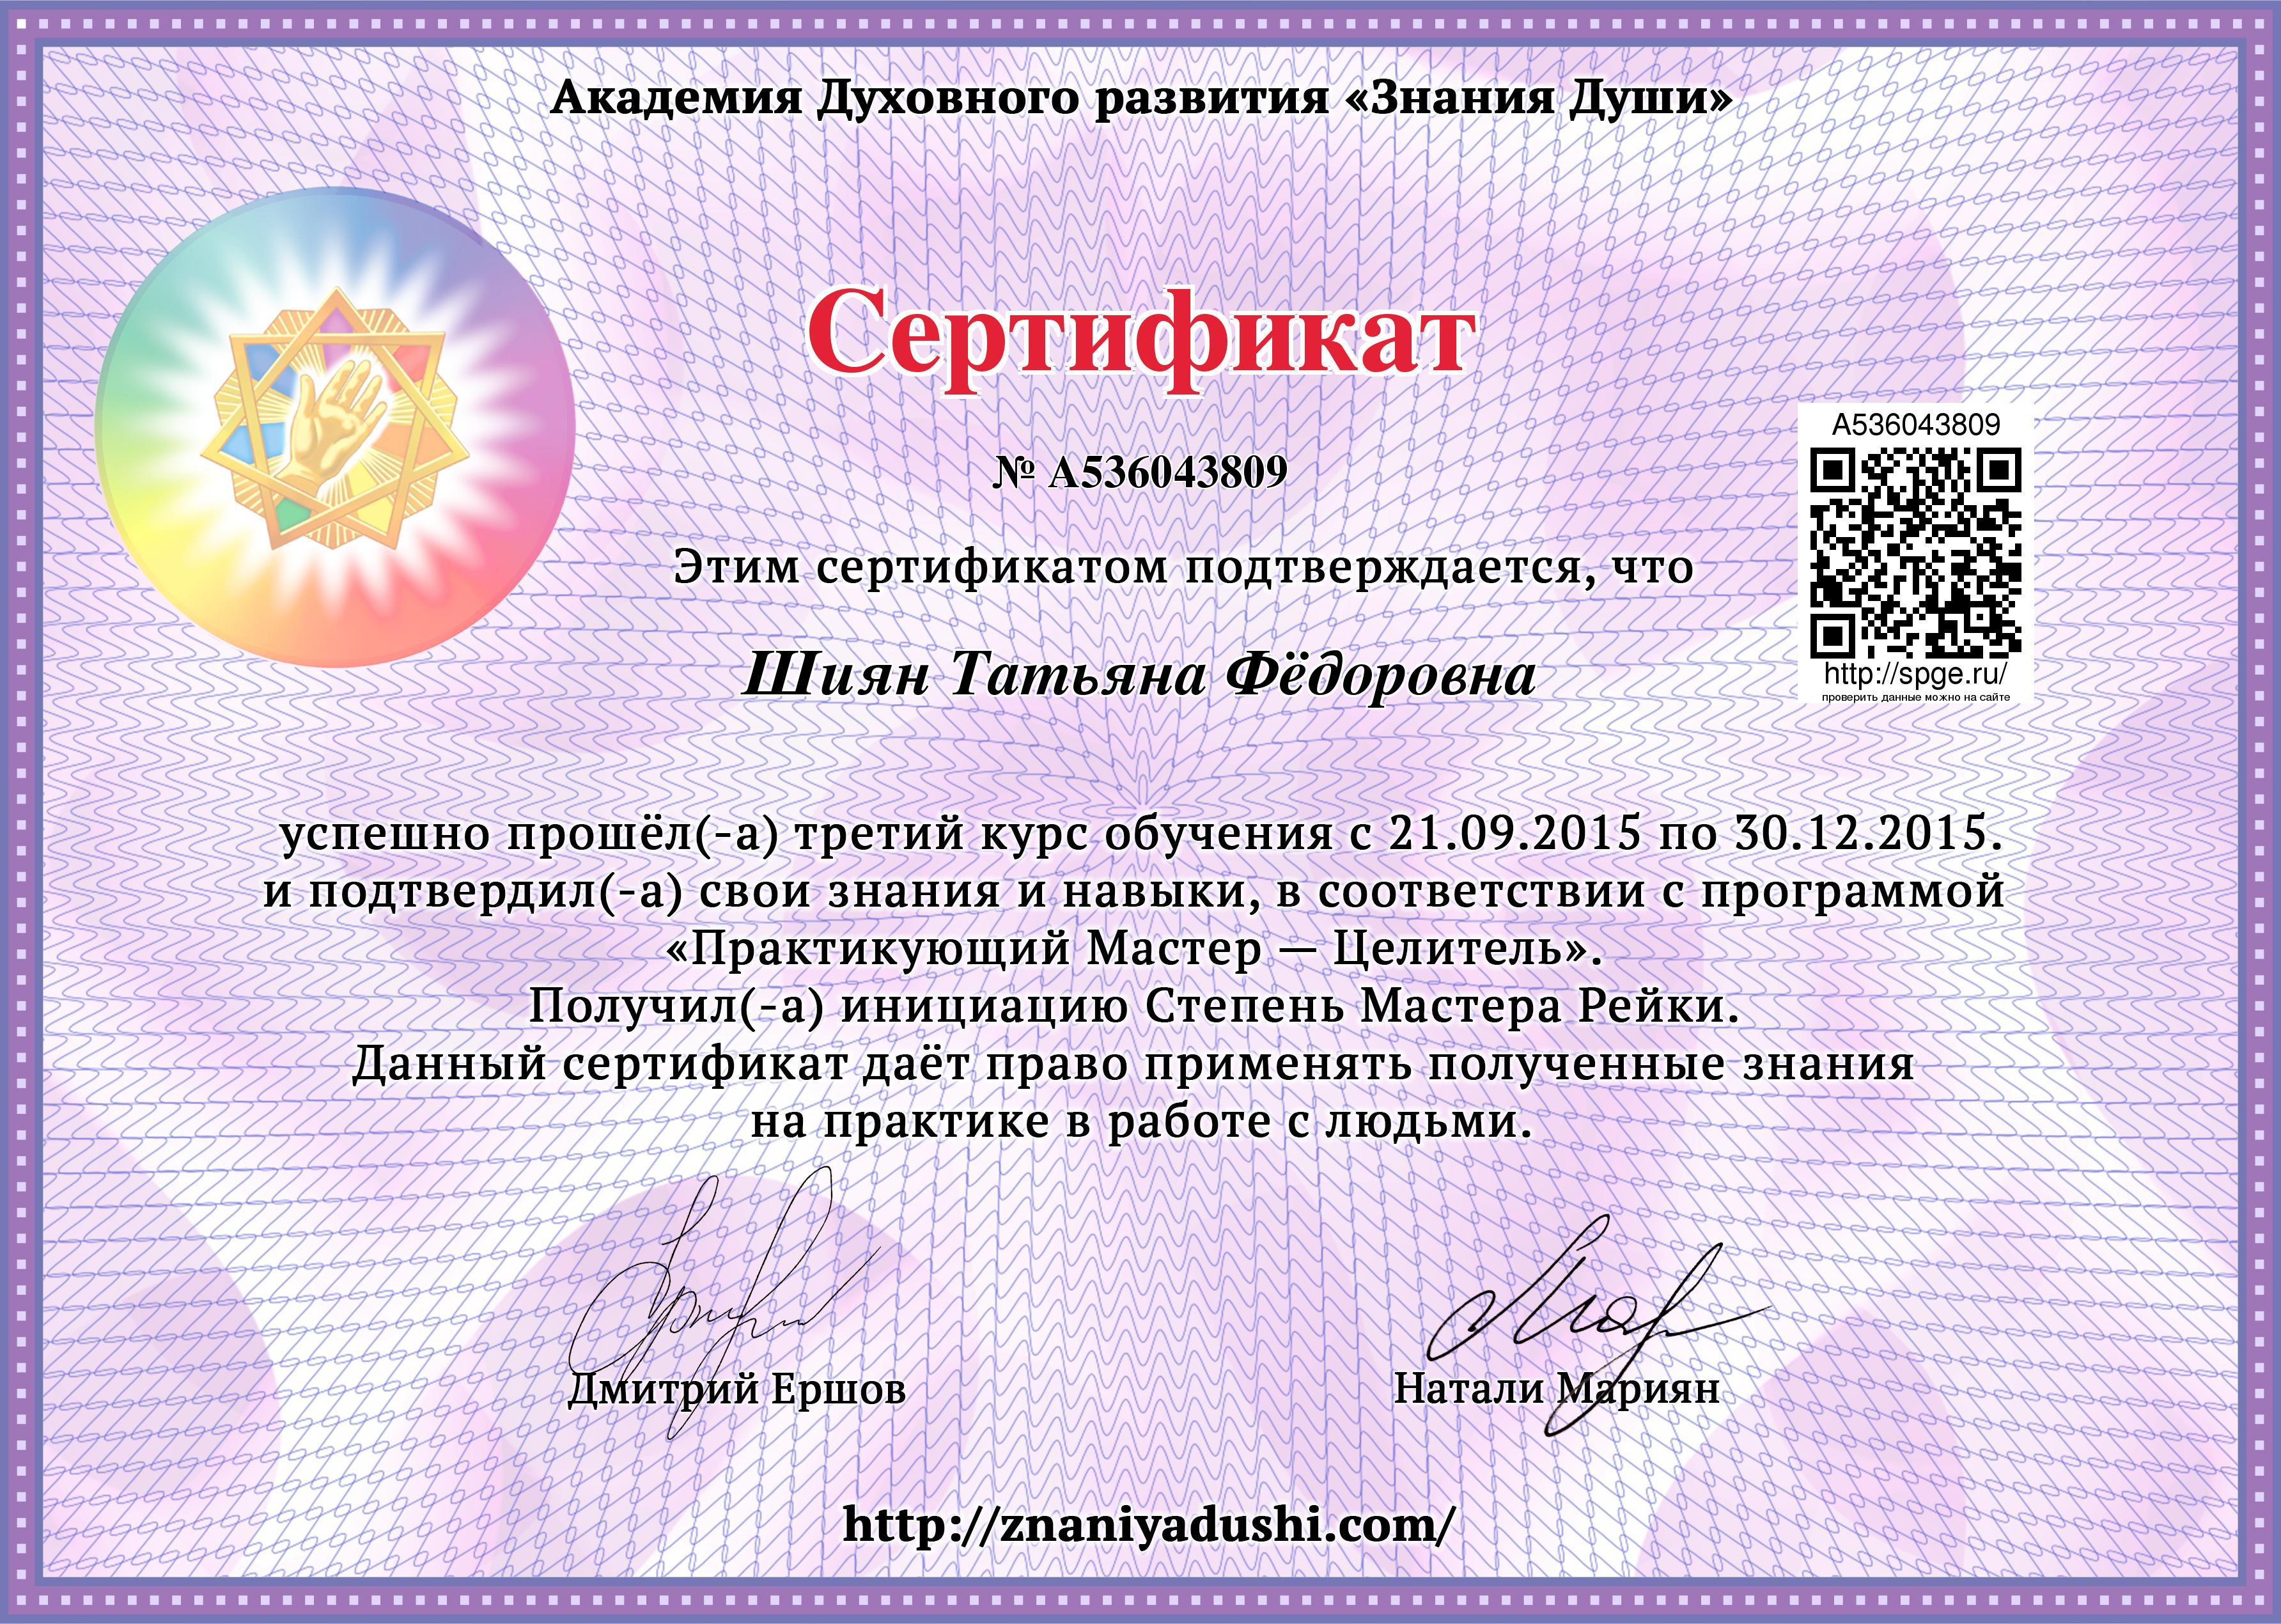 Shian_Tatyana_3_kurs